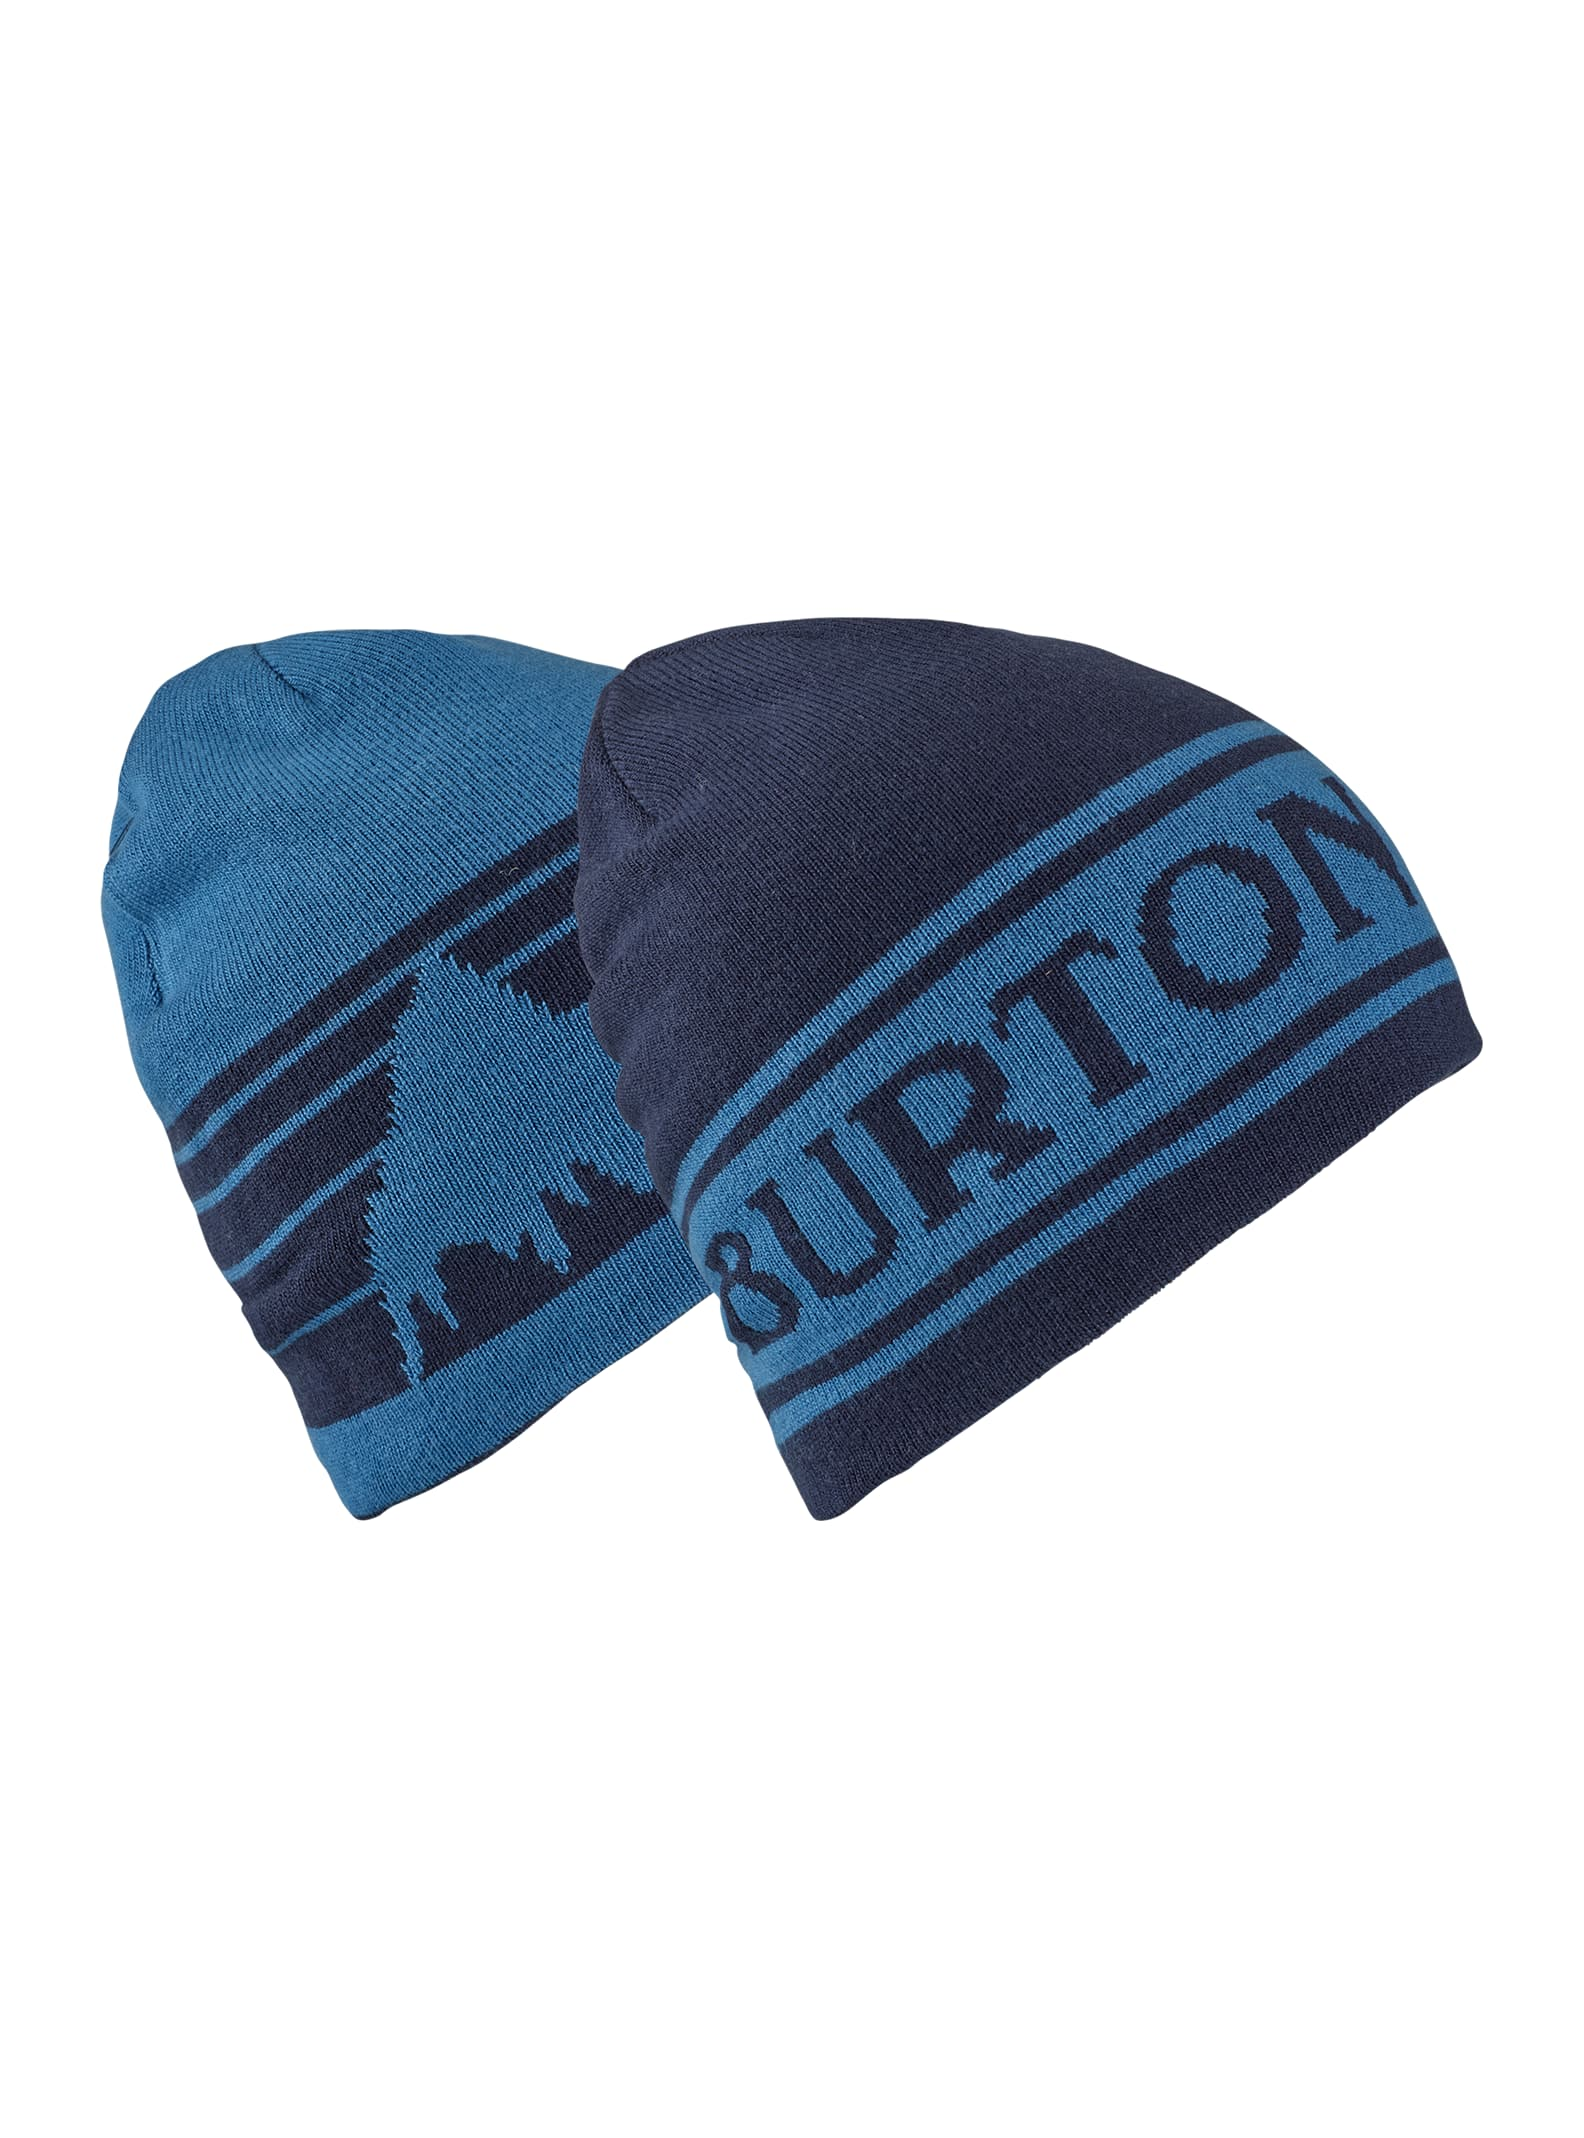 944997a2ebf Men s Hats   Beanies